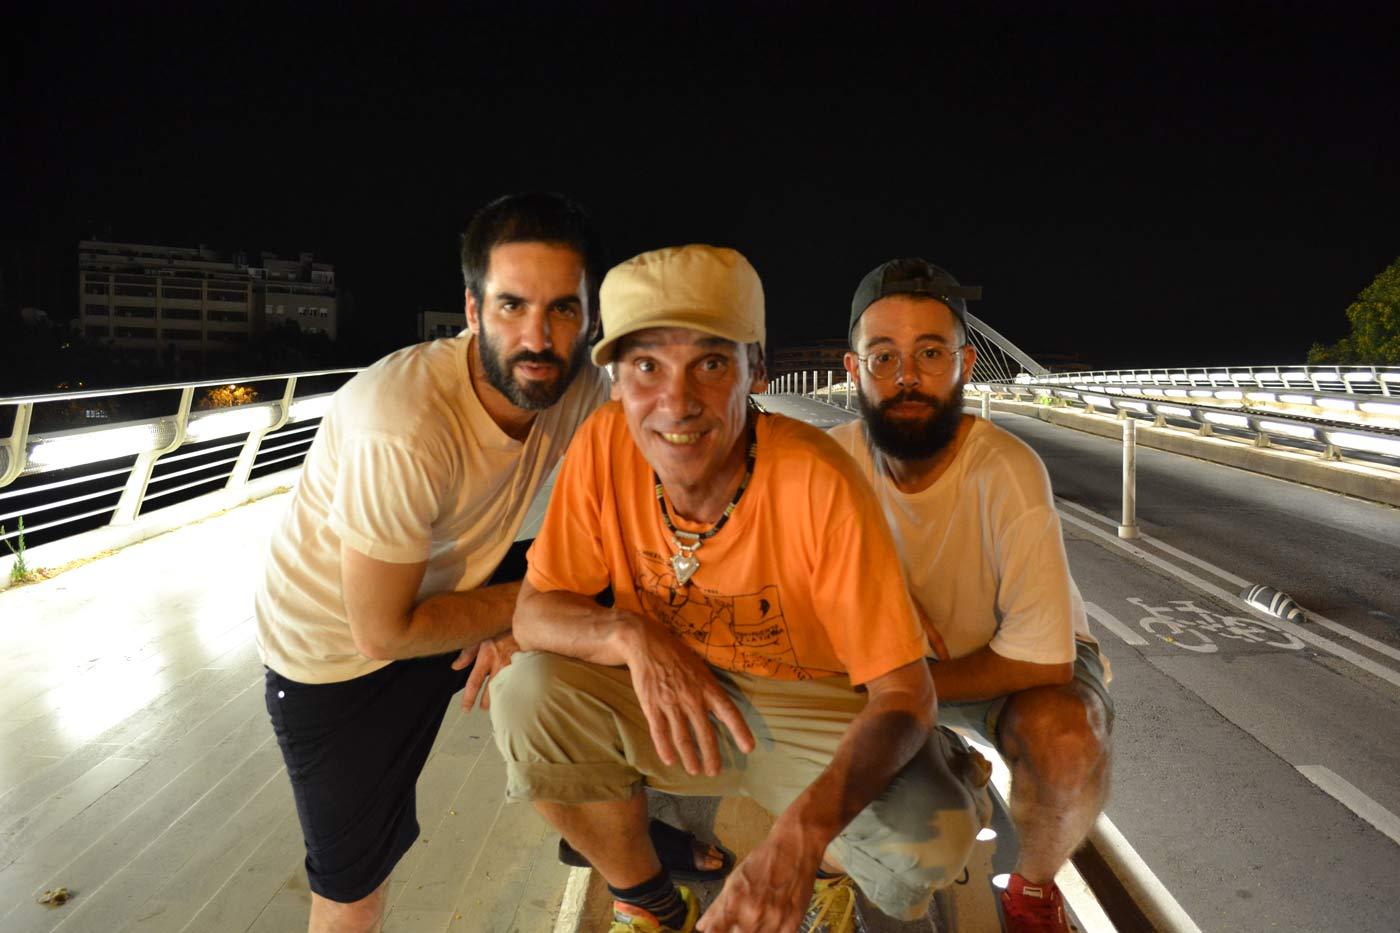 Nuevo single de Manu Chao con Chalart58, Sr. Wilson y Matah